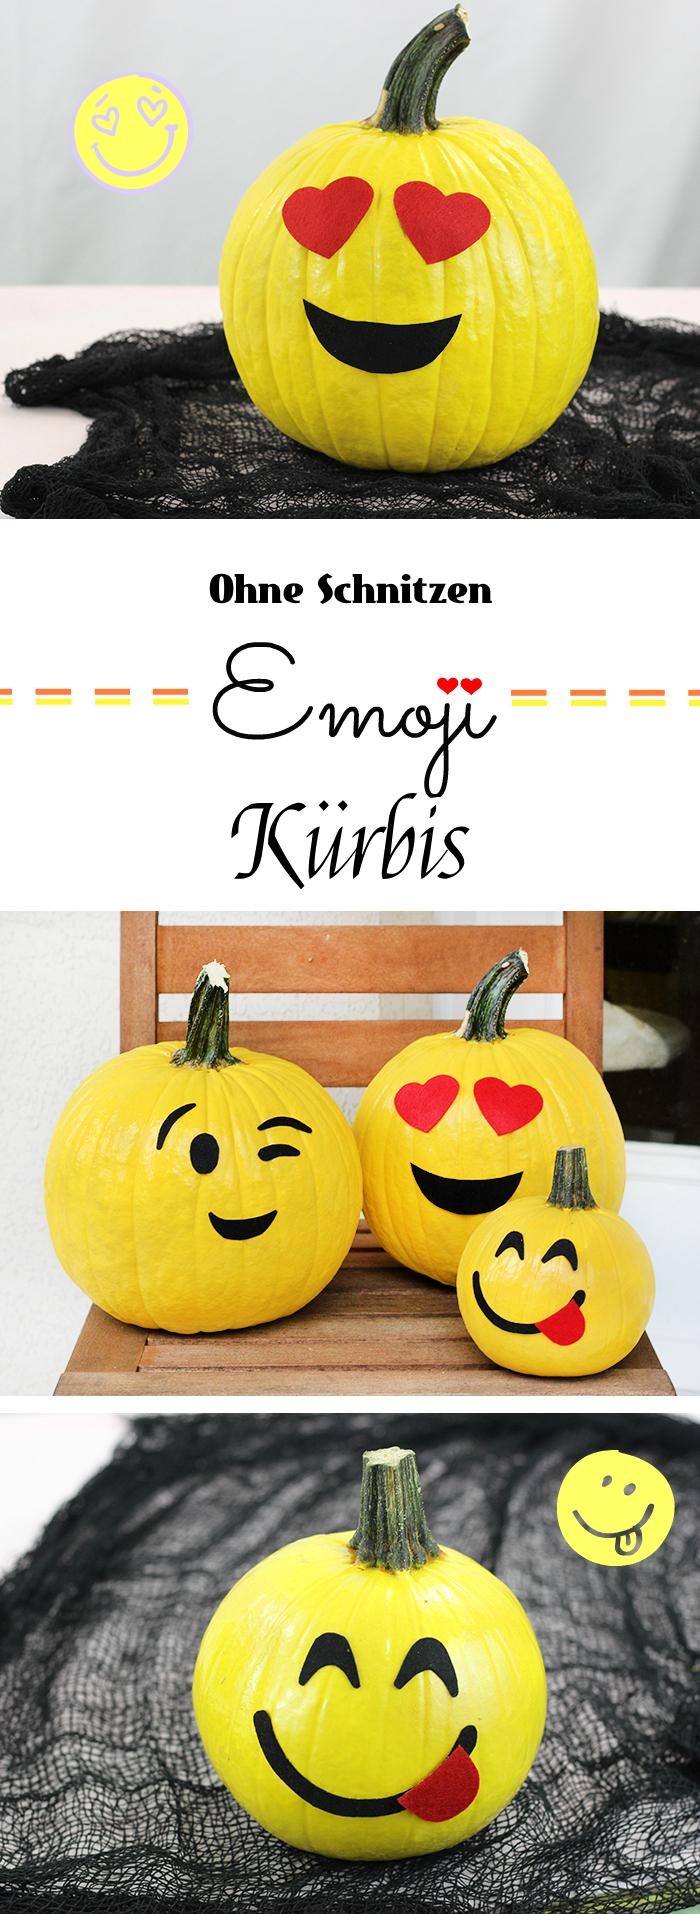 Halloween Bastelvorlagen zum Ausdrücken: Emoji Kürbis Gesicht